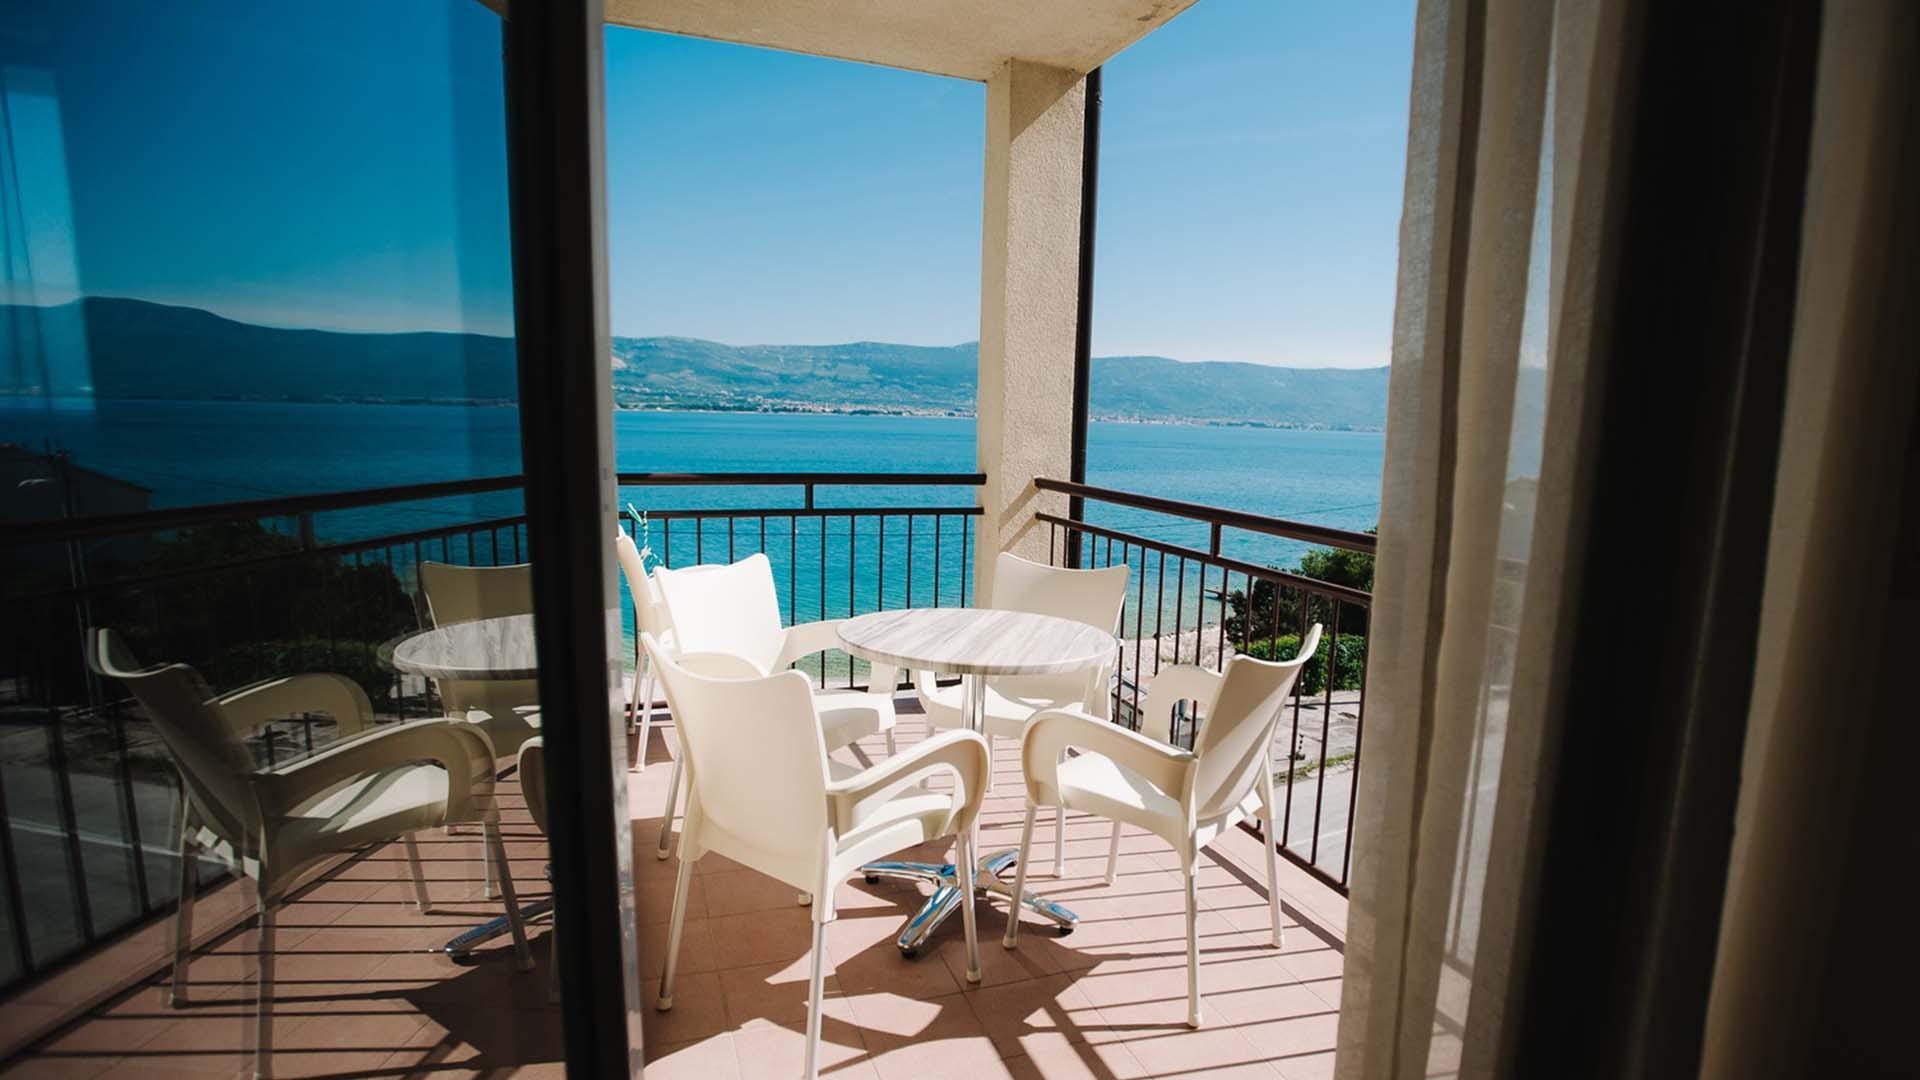 Seaview Apartment Moreno I   EOS CROATIA